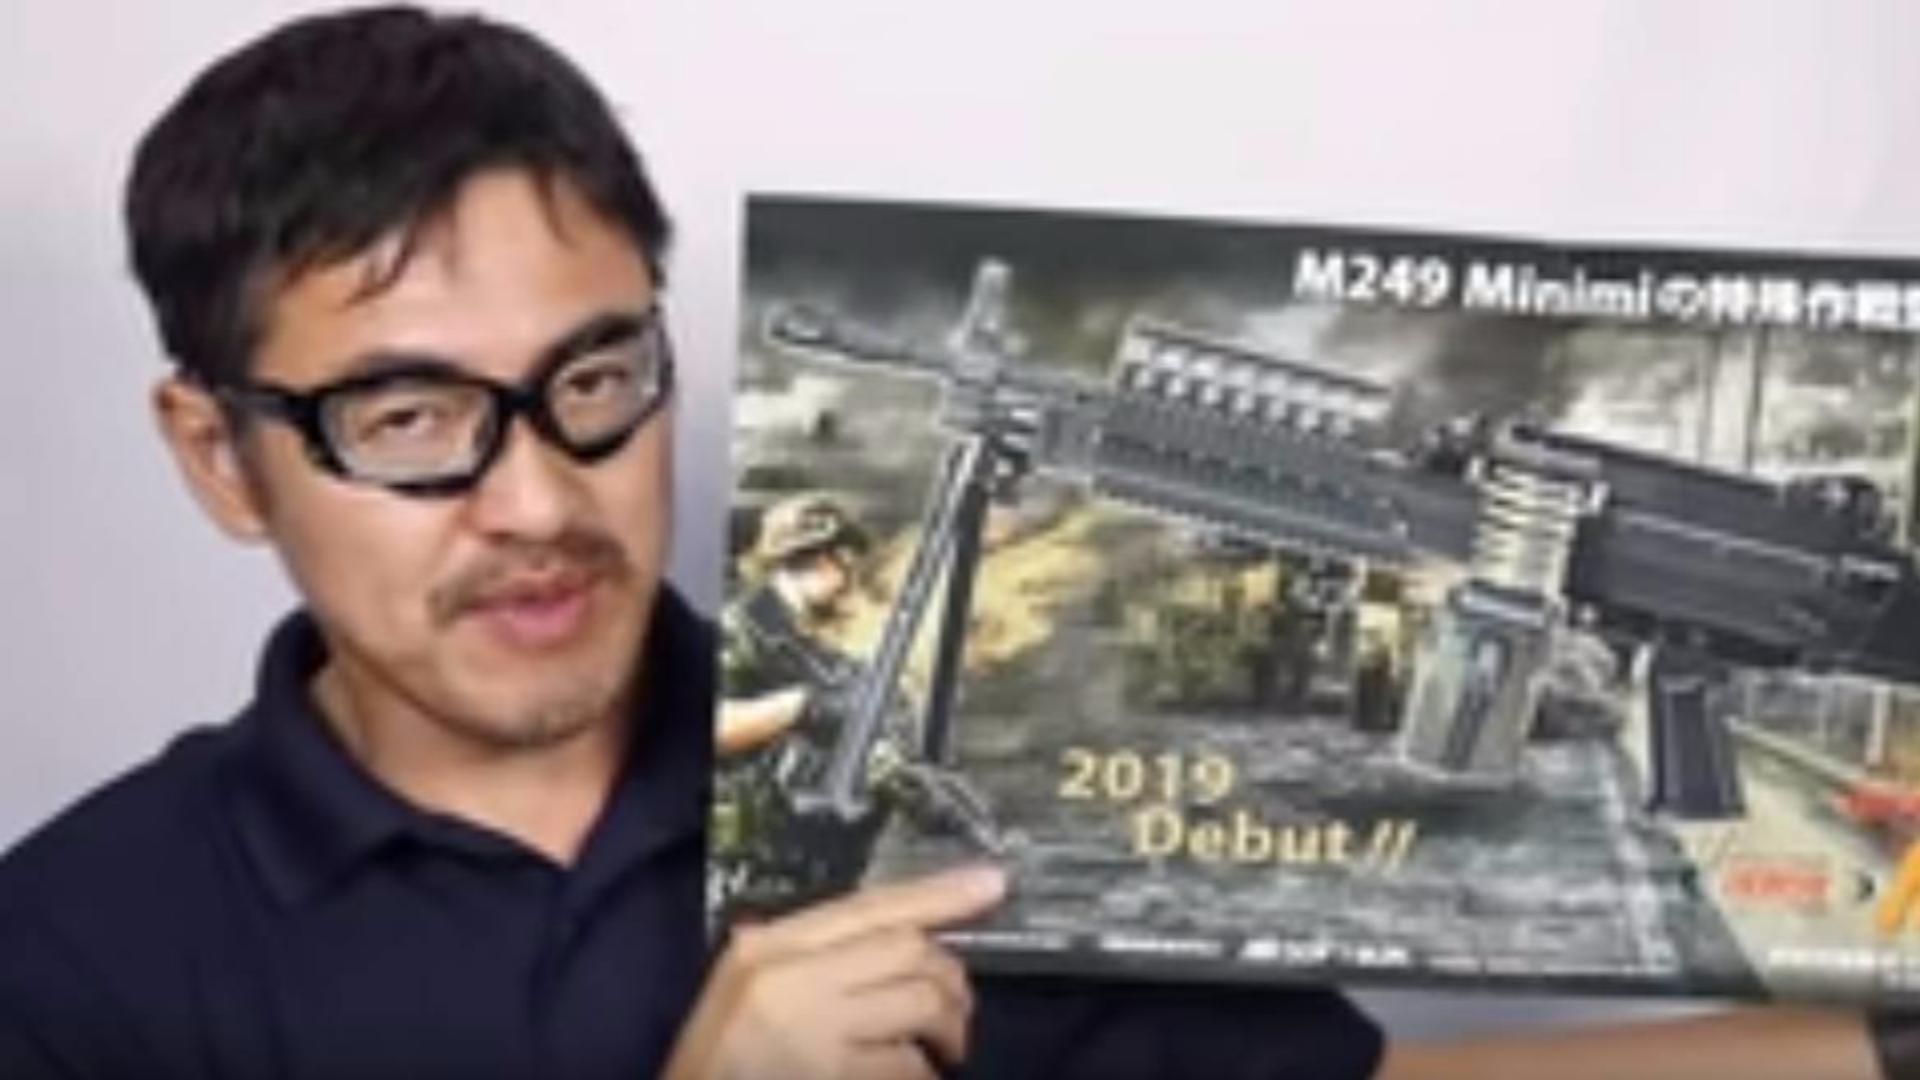 日本壕堺大叔:Mk46 M249 AEG MARUI次世代电动力测评!